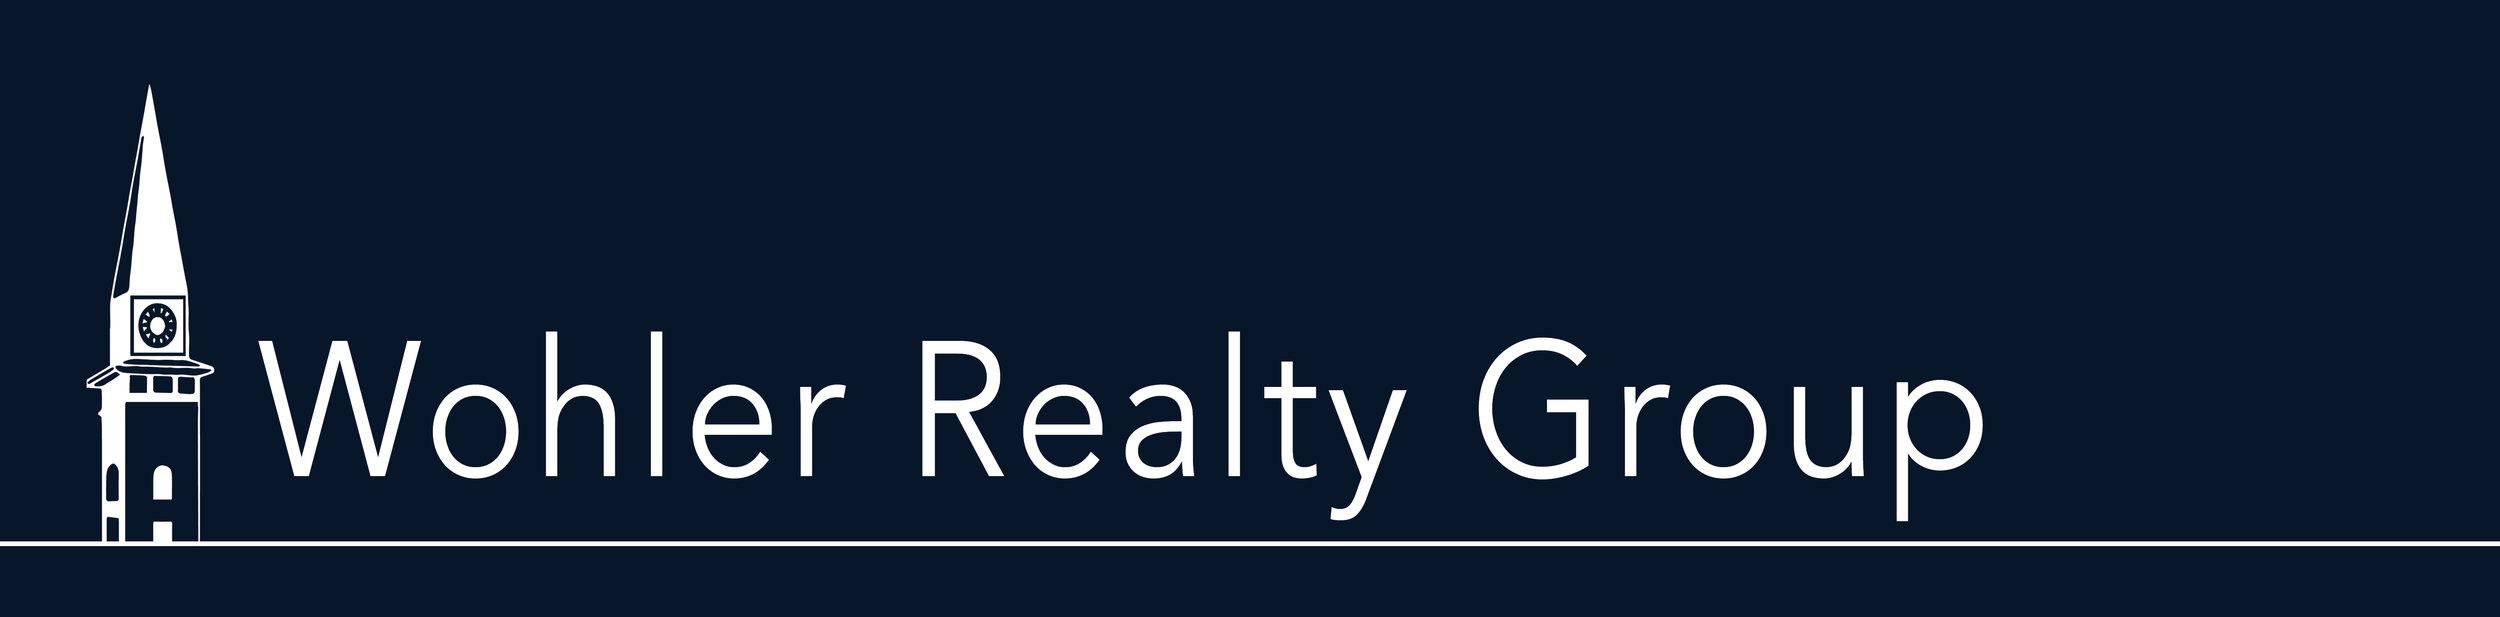 Wohler Realty Group Logo.jpg